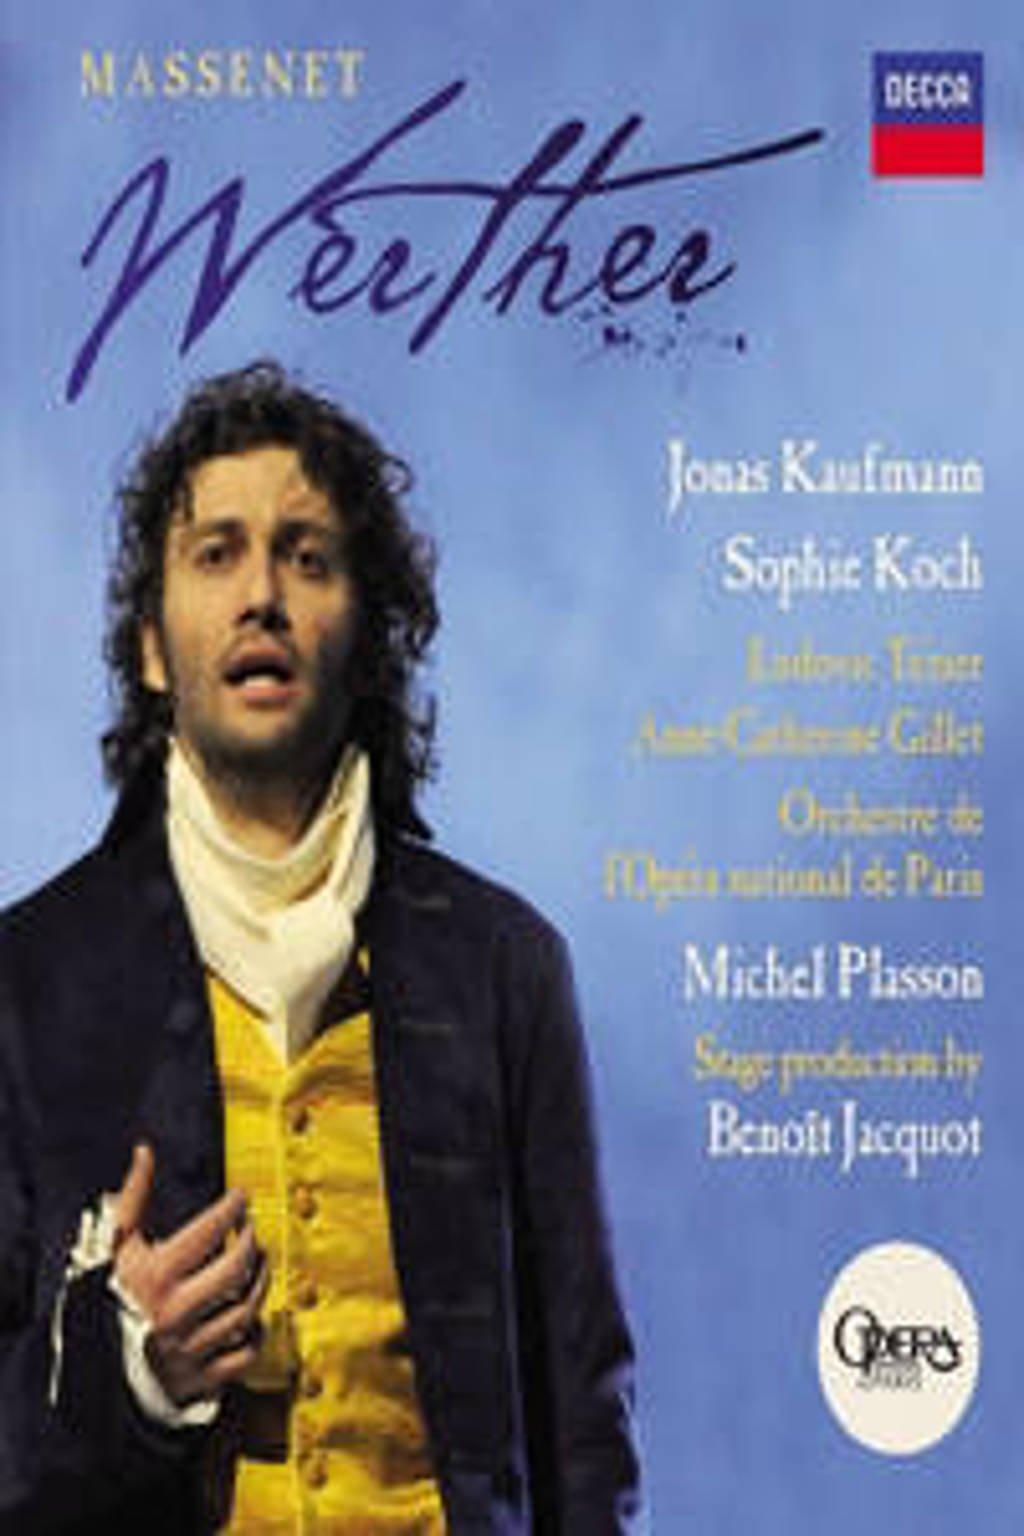 Kaufmann/Koch/Tezier/Gillet - Werther (Blu-ray)